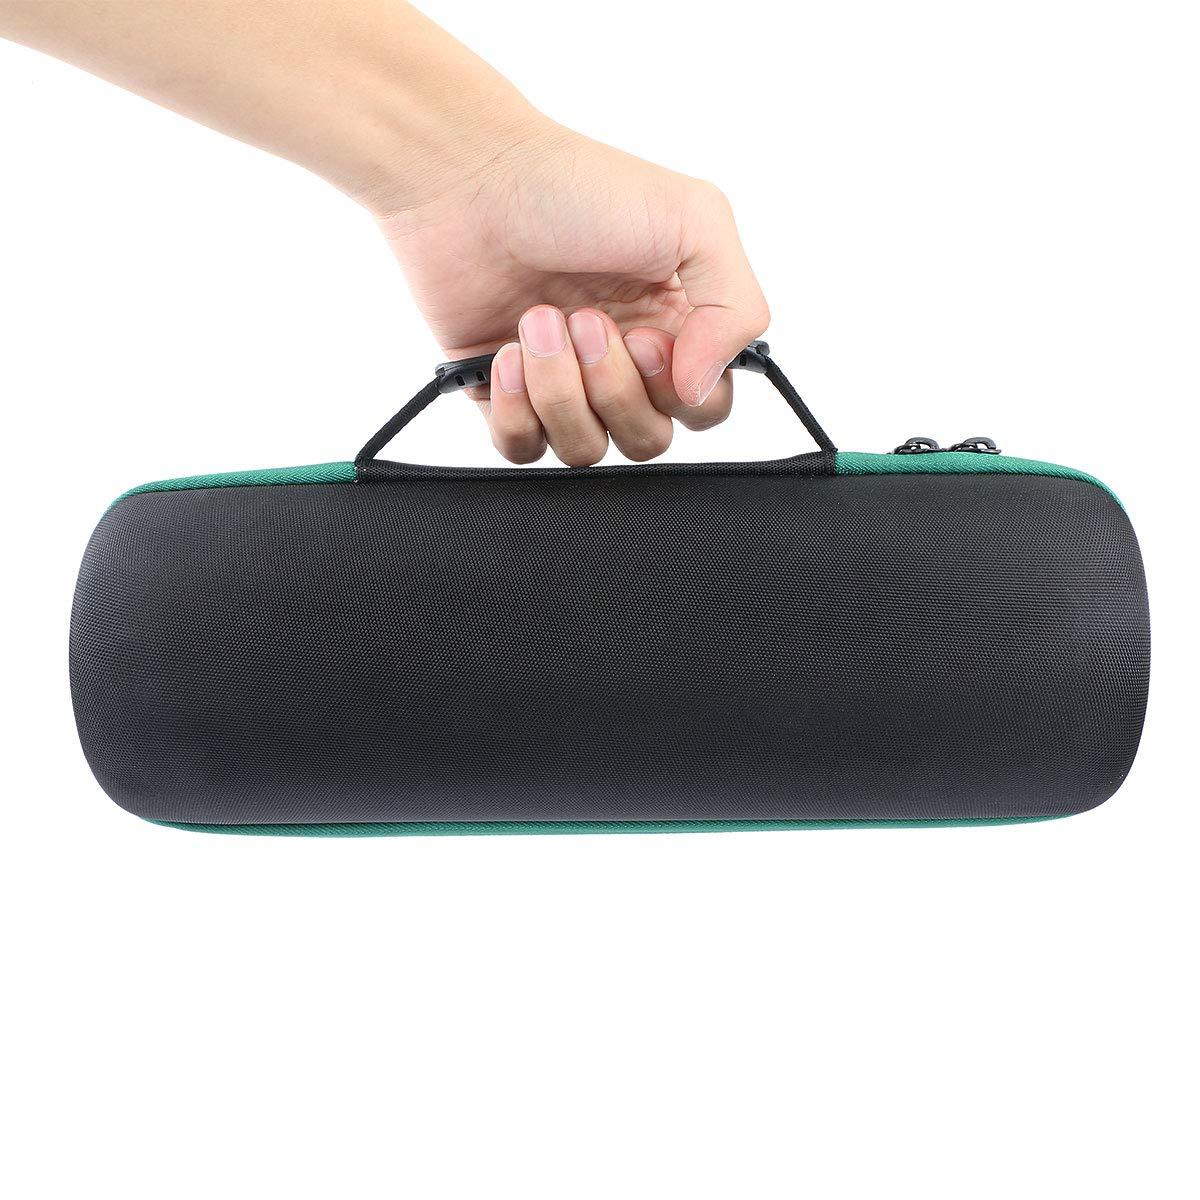 Bleu Speaker Case co2CREA Voyage Stockage /étui pour Sony SRS-XB32 Enceinte Portable Bluetooth